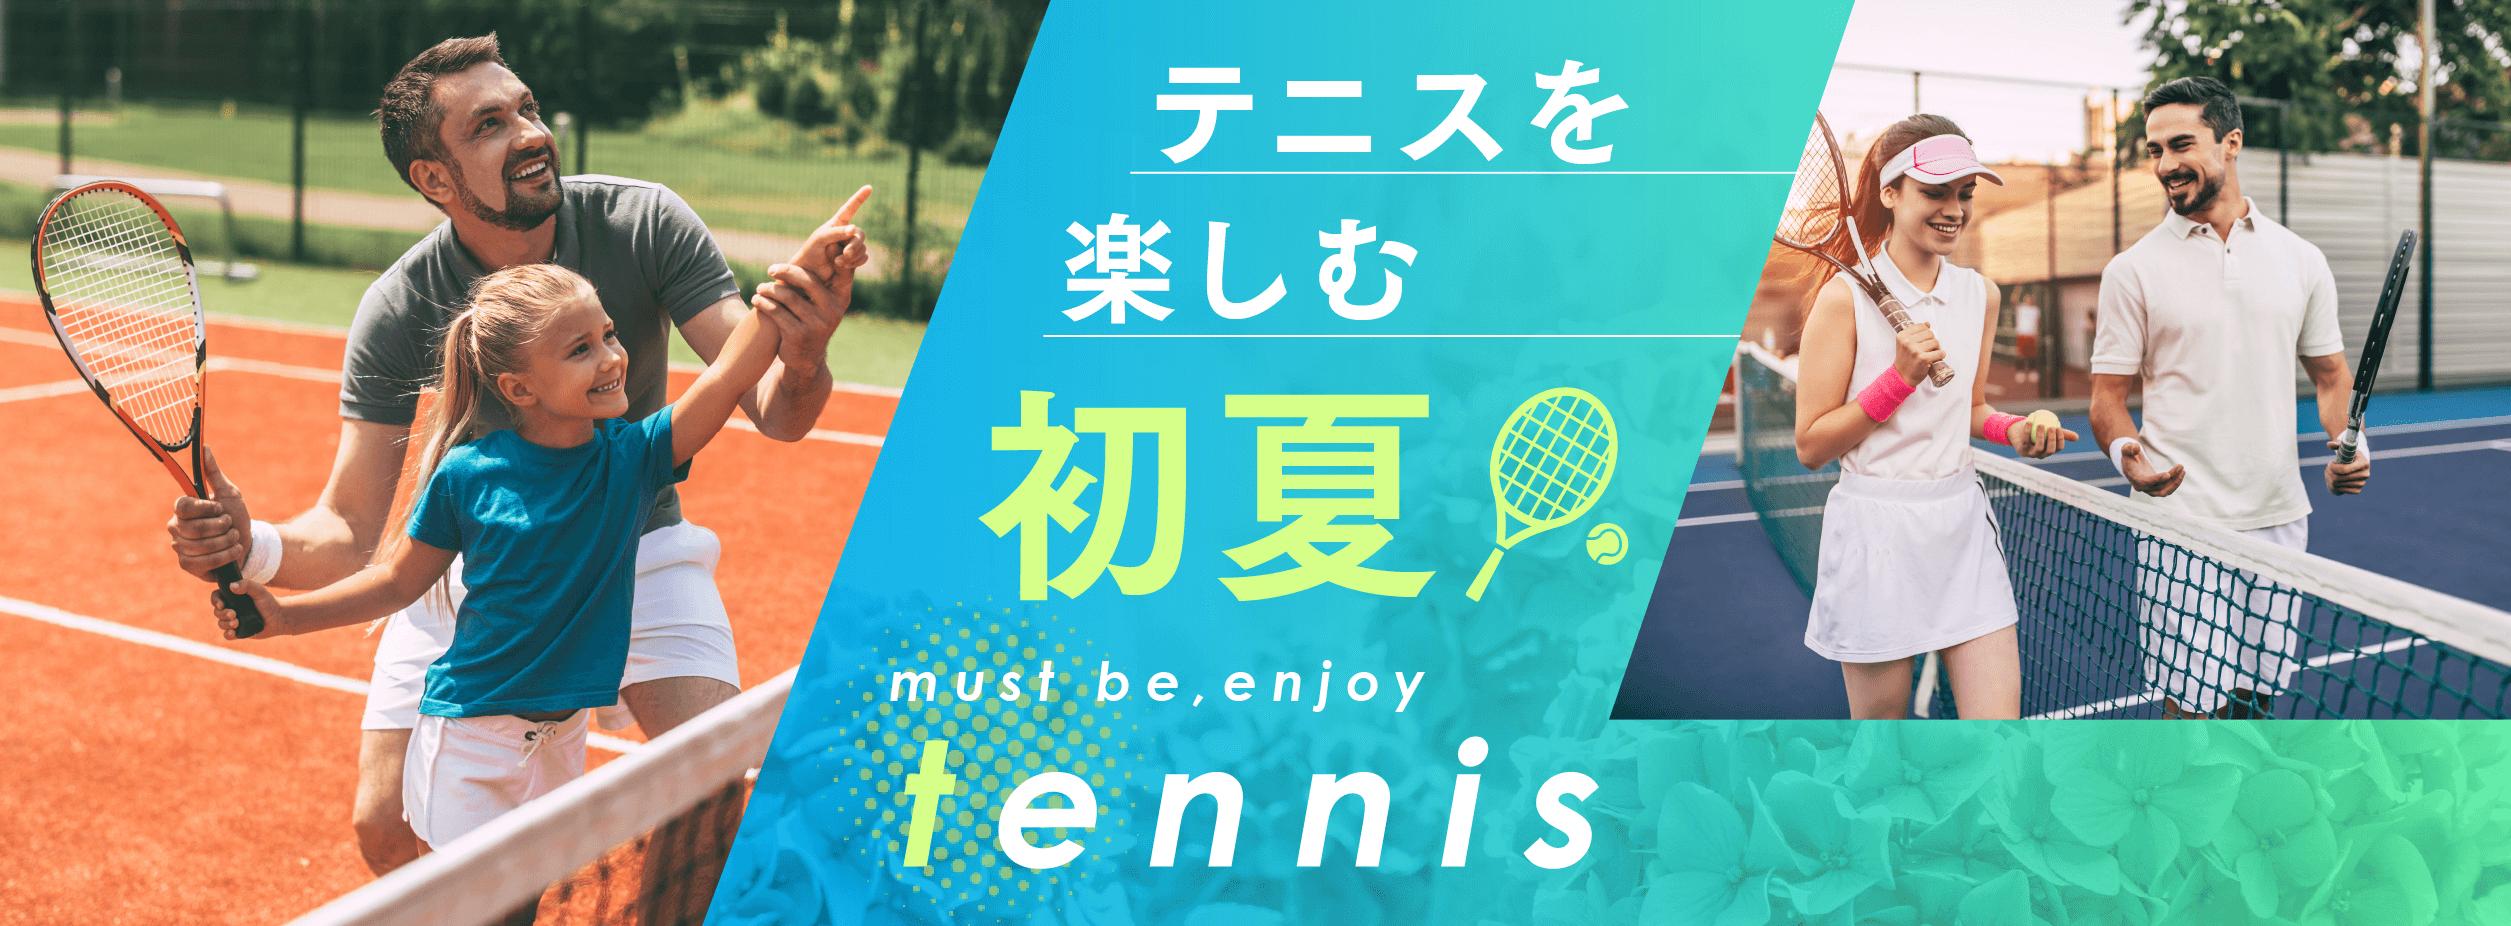 テニススクール無料体験WEEK開催!